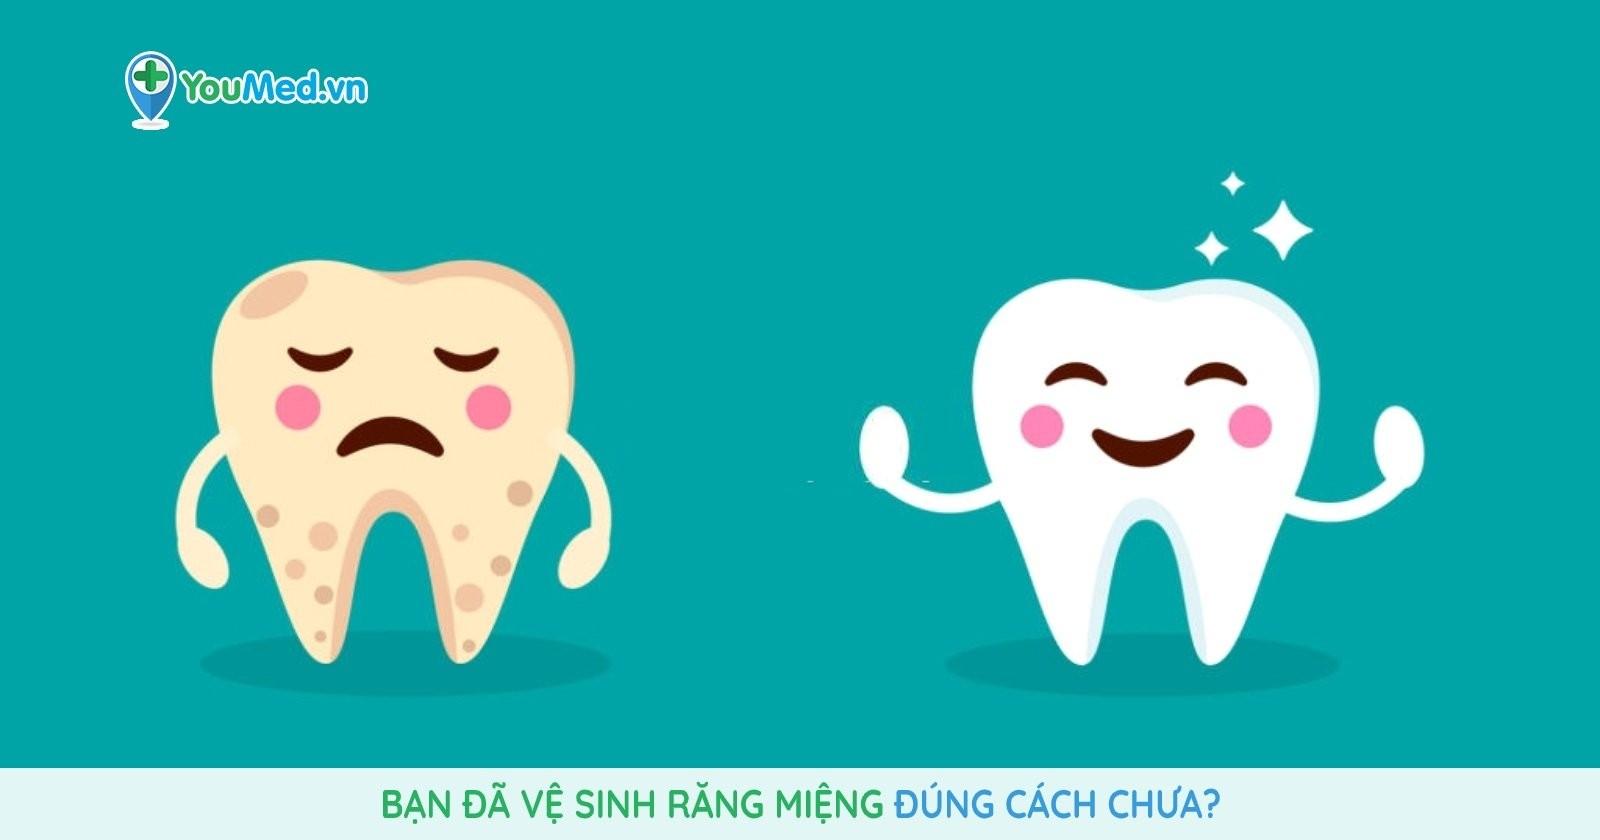 Bạn đã vệ sinh răng miệng đúng cách chưa ?